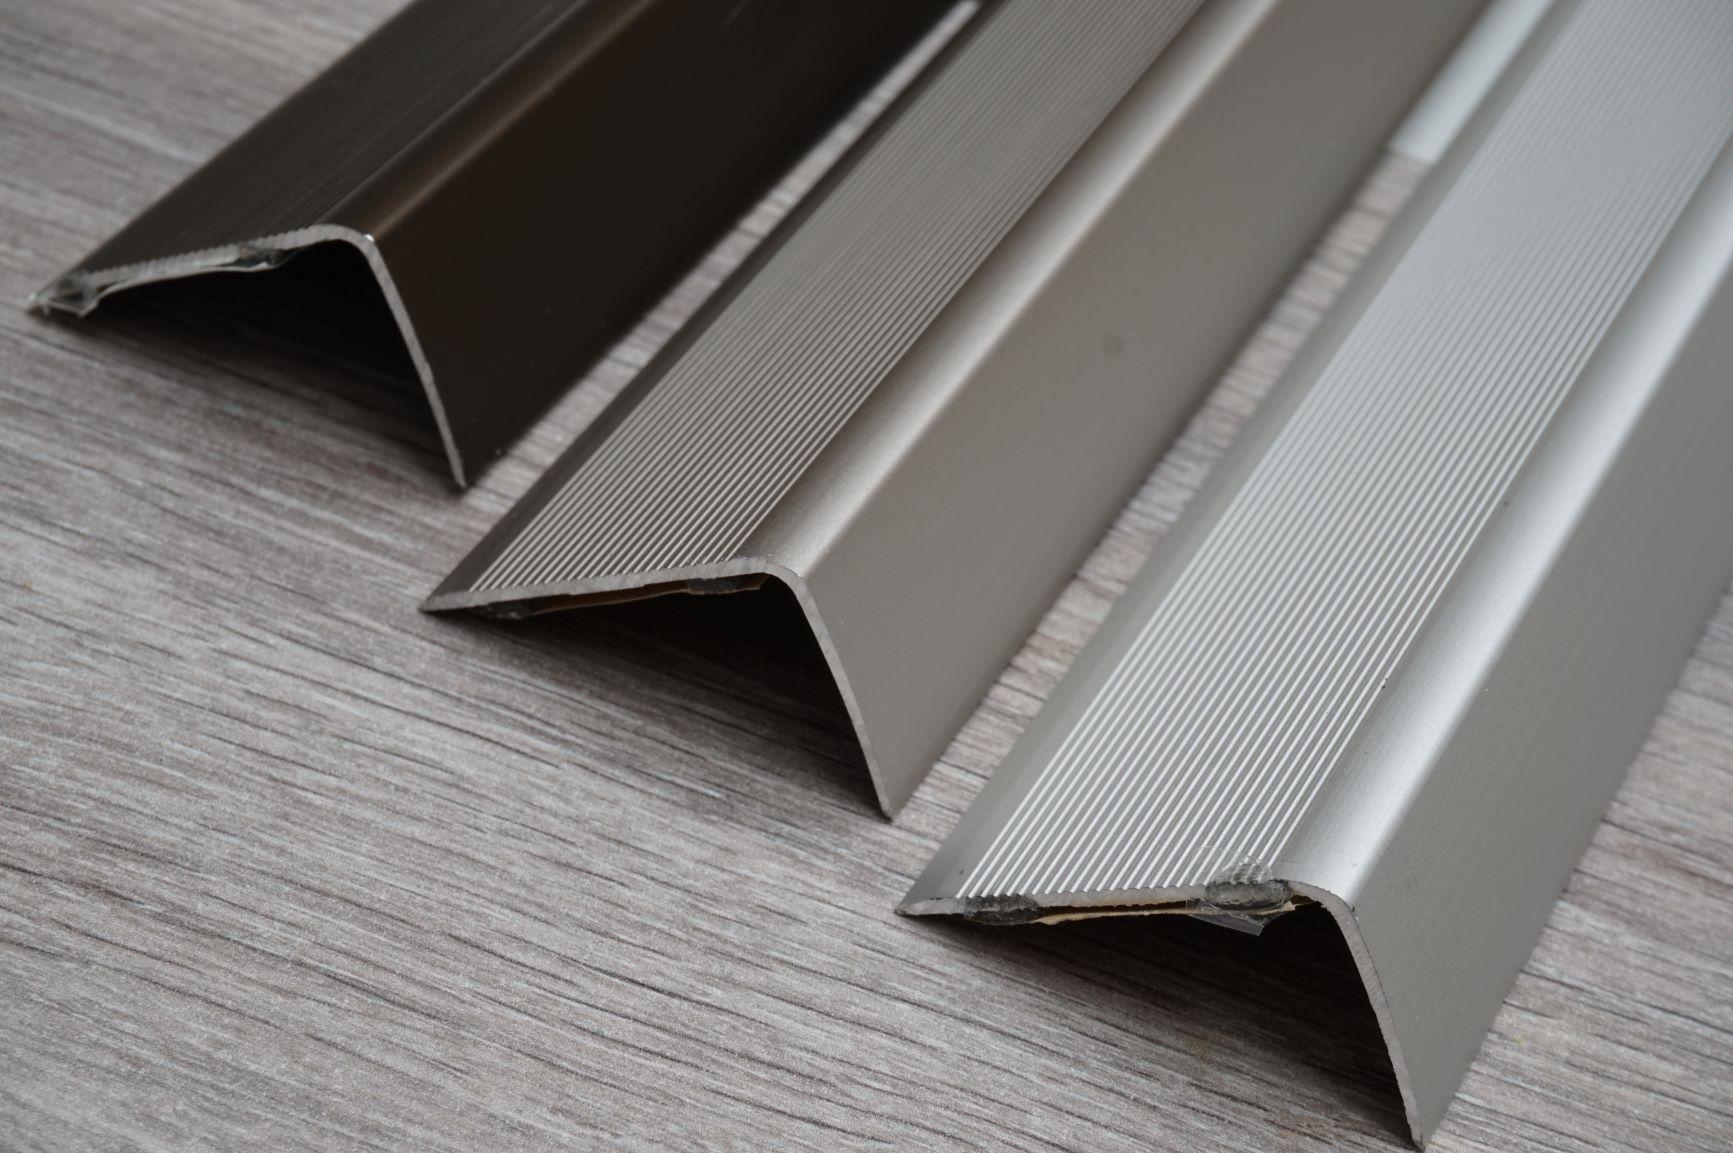 Distributie van aluminium profielen voor vloeren en trappen - eerlijke prijzen